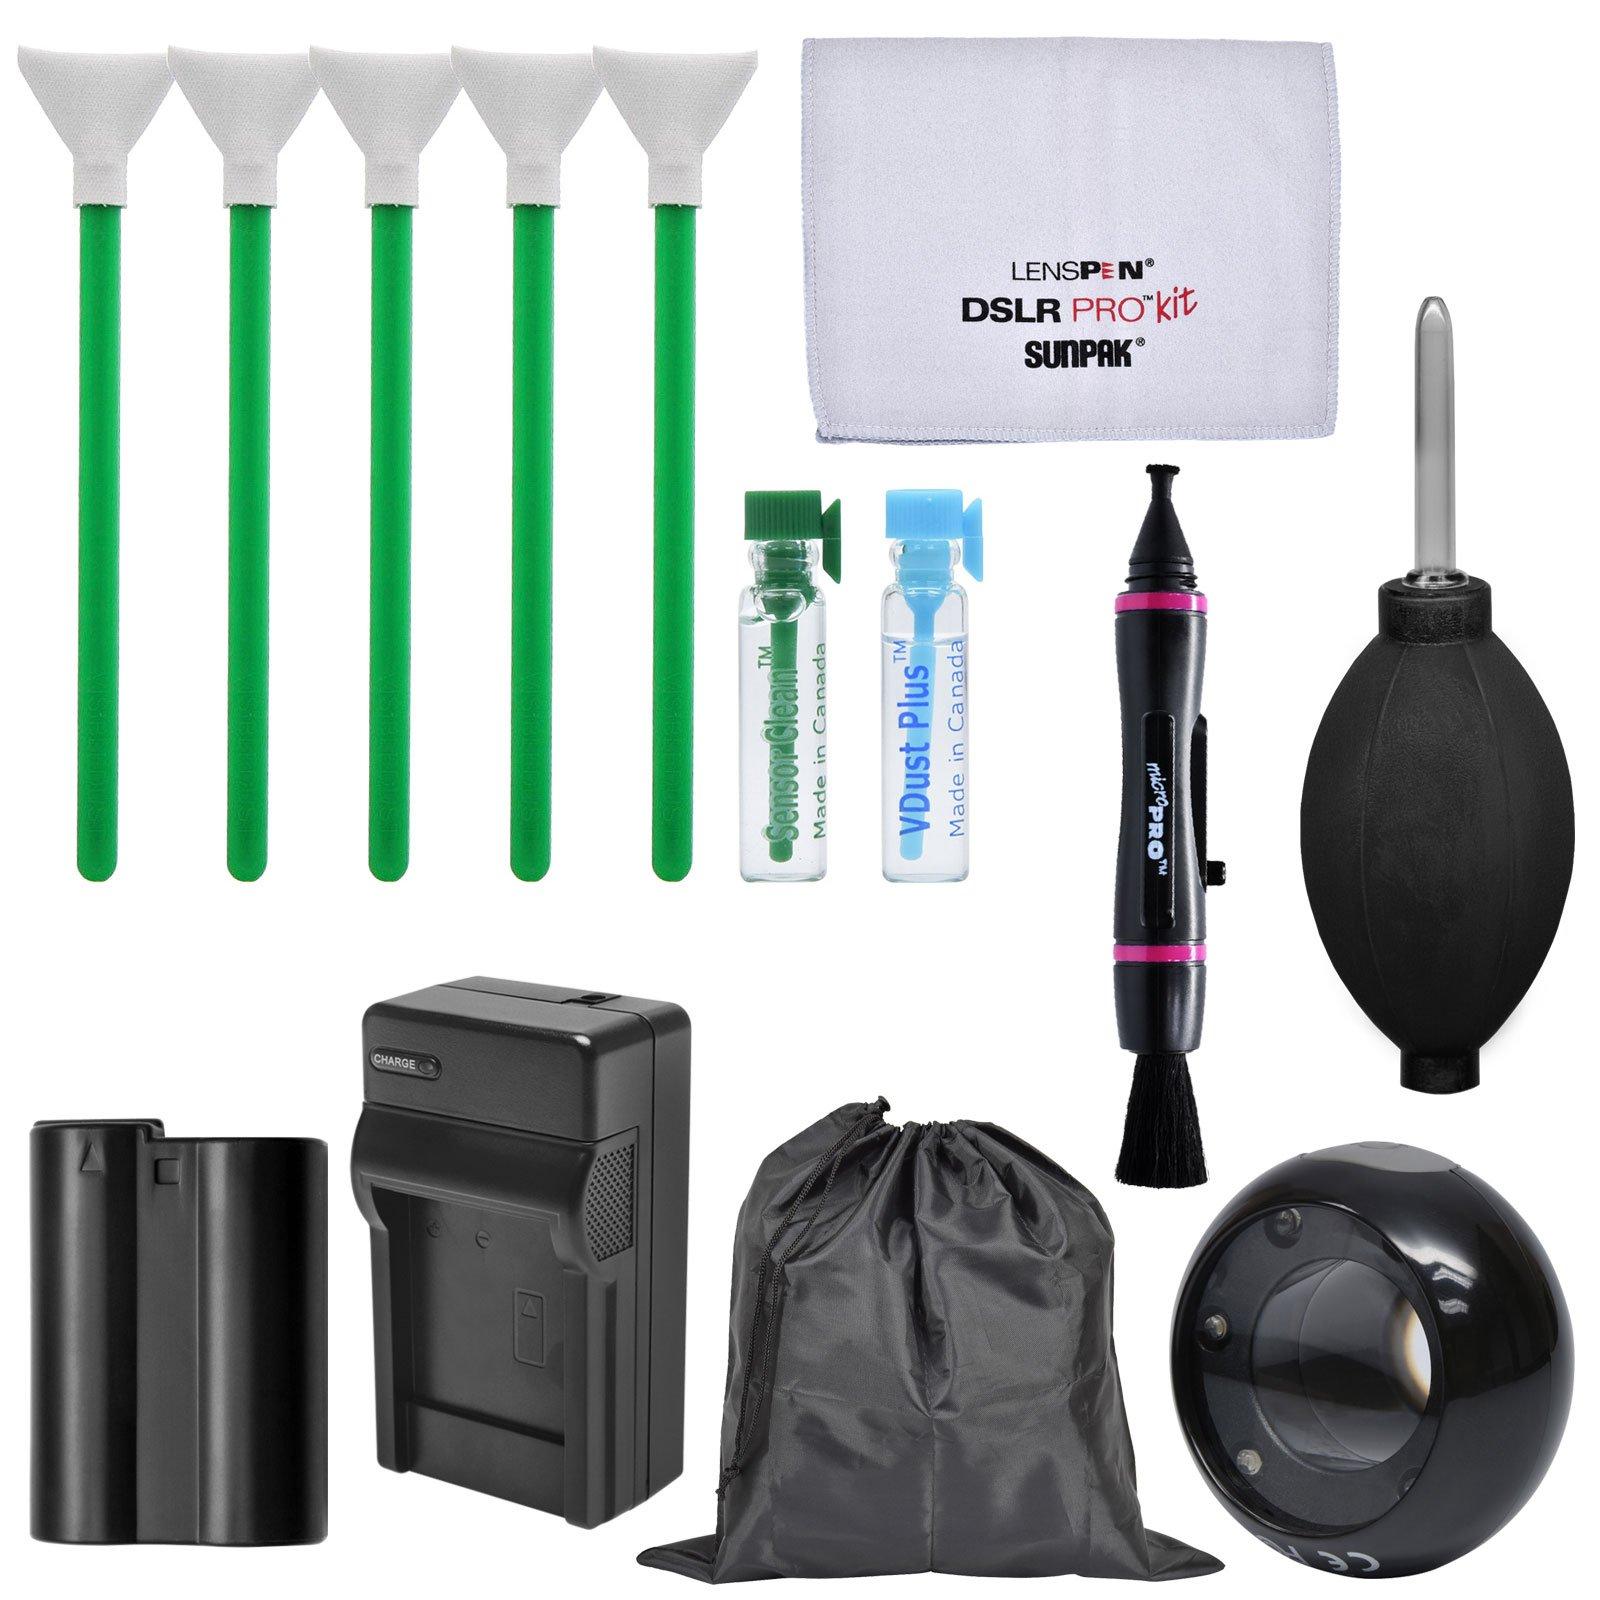 Essential Bundle Sensor Cleaning Kit with EN-EL15 Battery & Charger + LED Loupe Bundle for Nikon D610, D750, D800, D810, D850 DSLR Cameras